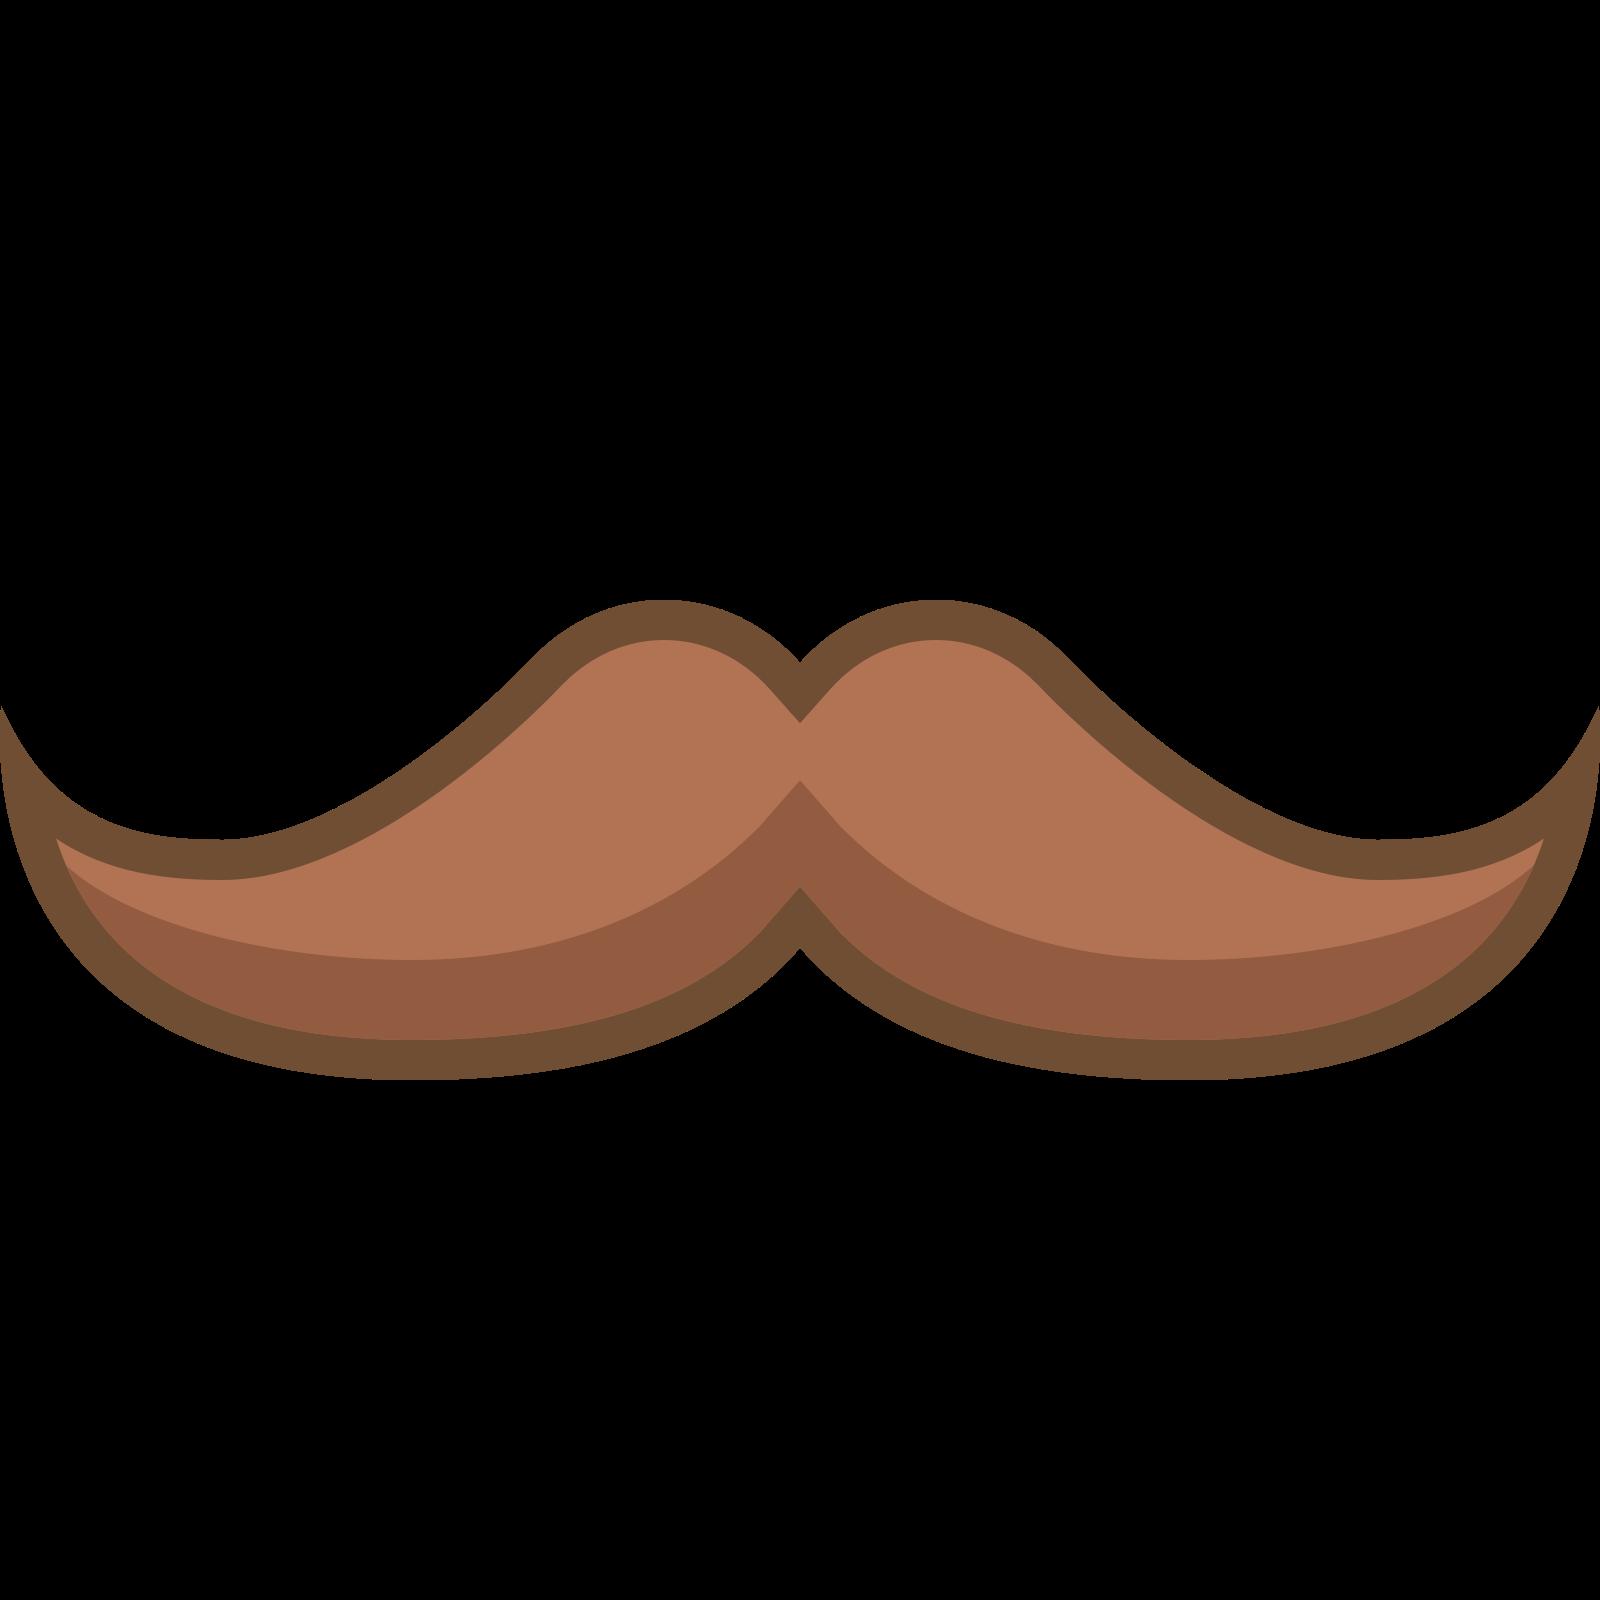 angielskie wąsy icon